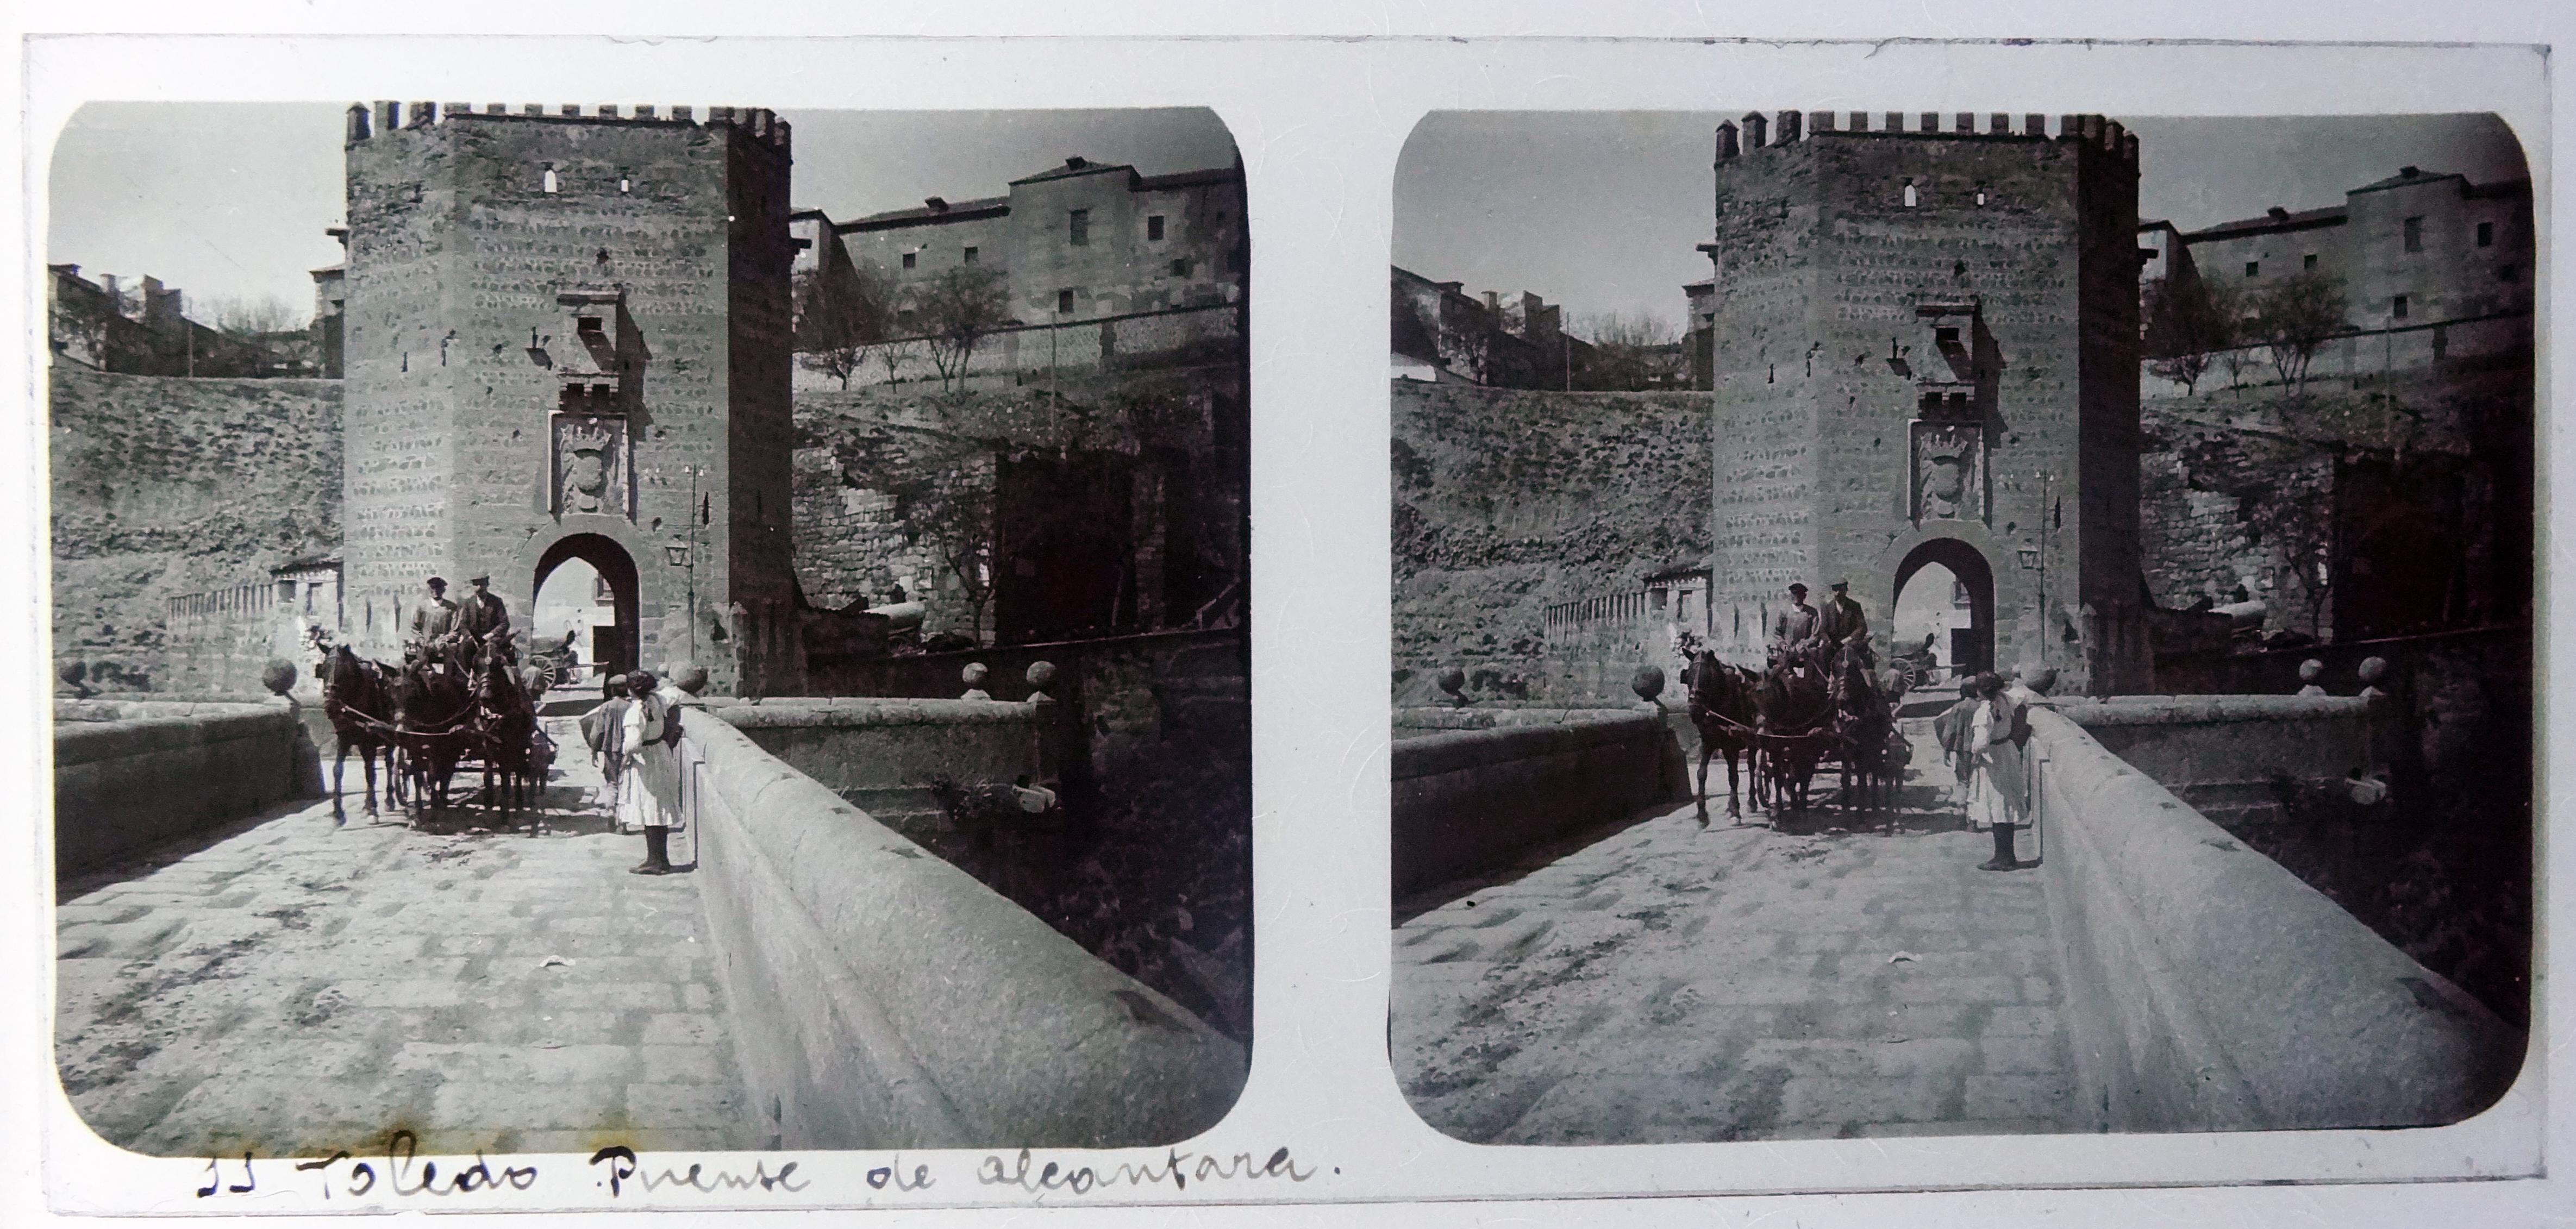 Puente de Alcántara. Fotografía de Francisco Rodríguez Avial hacia 1910 © Herederos de Francisco Rodríguez Avial